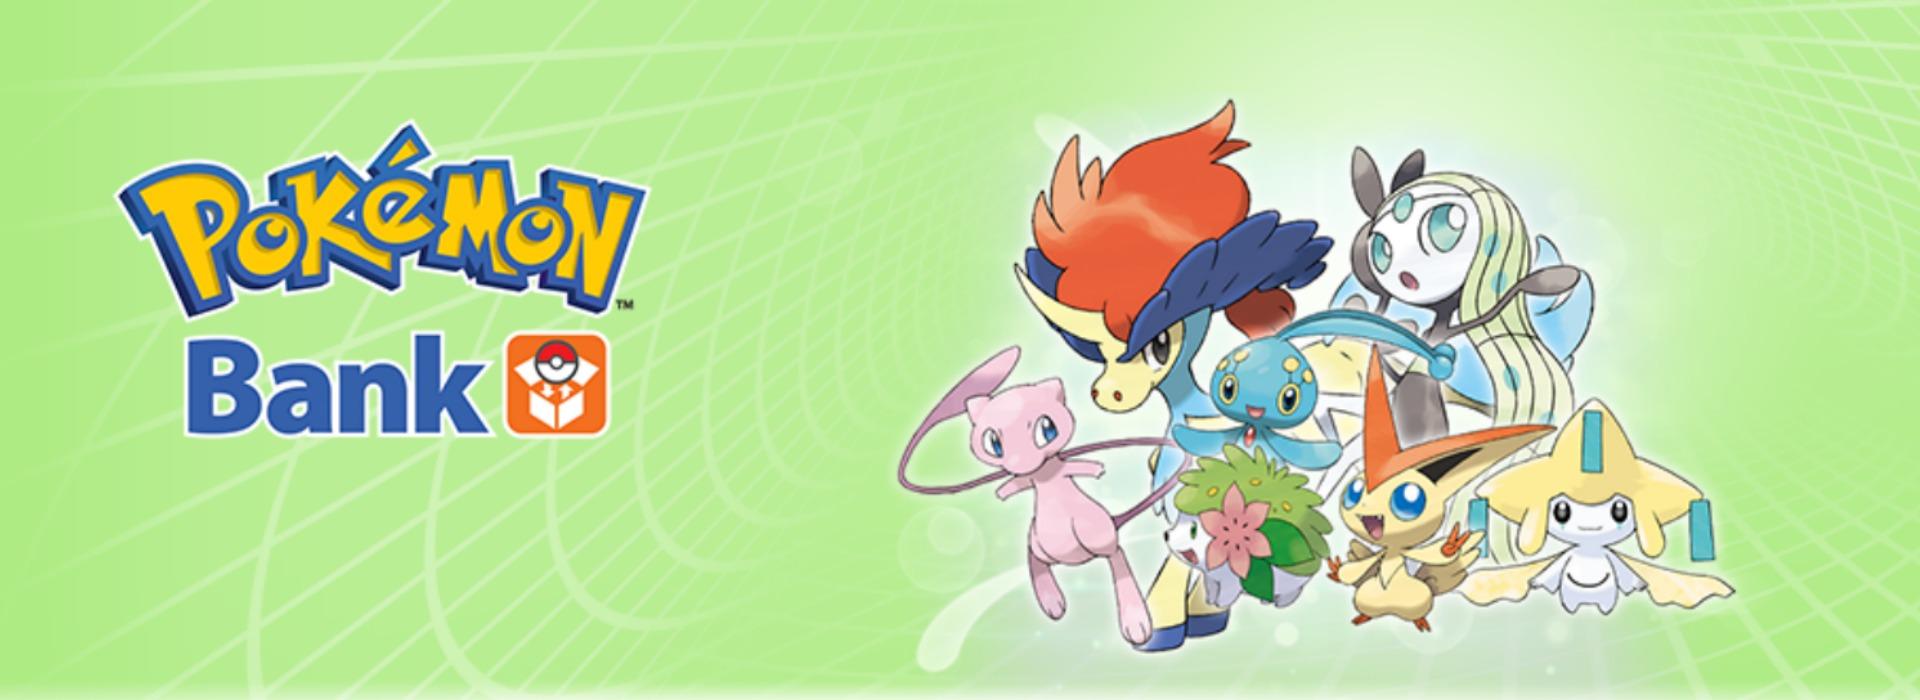 pokemon-bank-review-banner